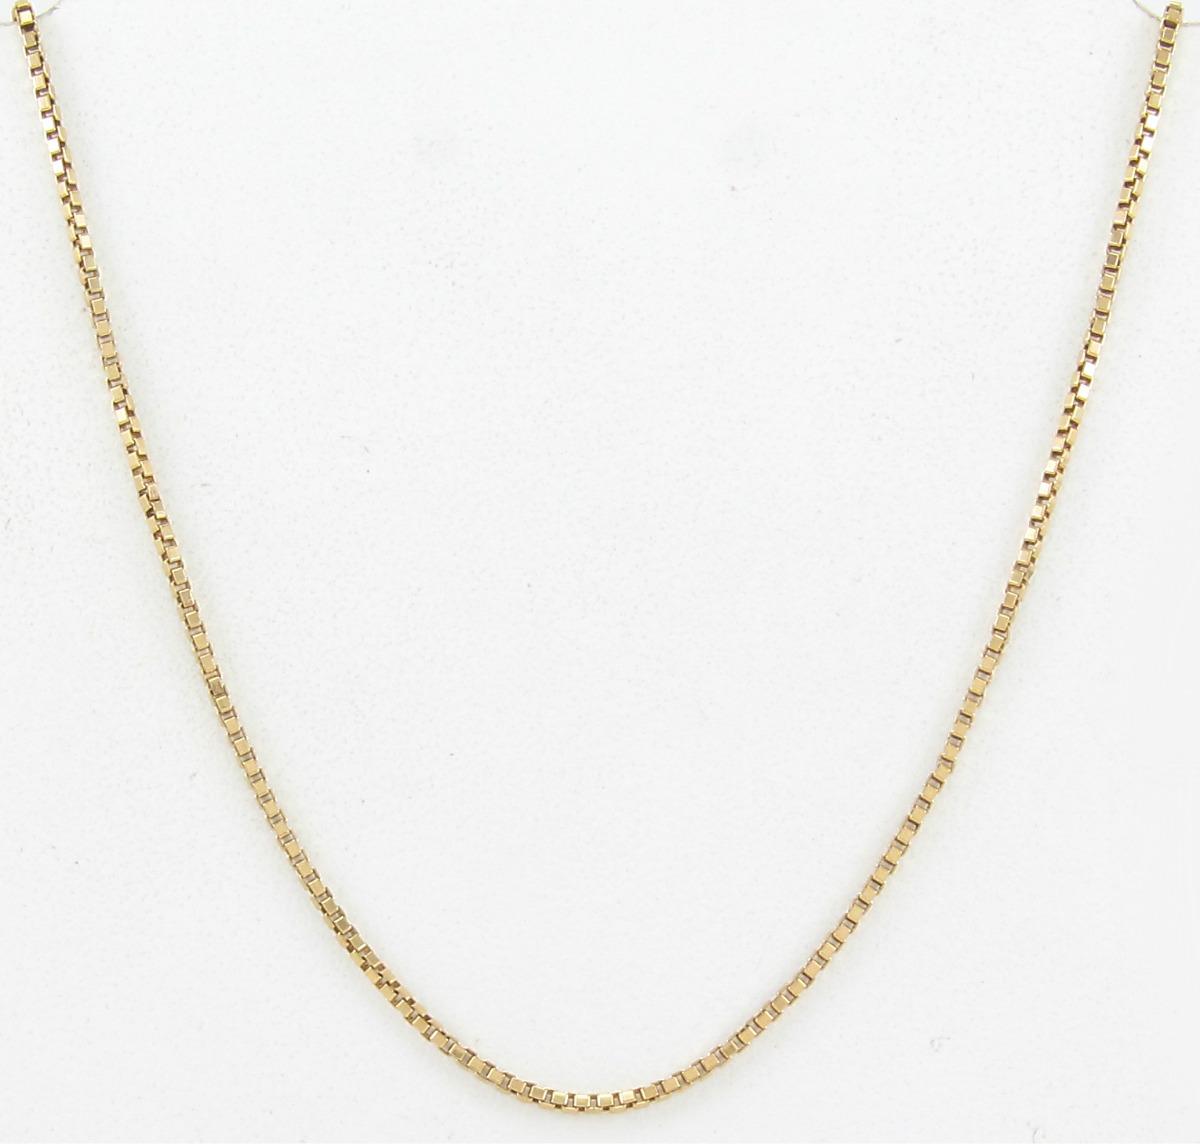 7b2a5b132c7eb esfinge jóias - corrente veneziana 52cm maciça ouro 18k 750. Carregando zoom .